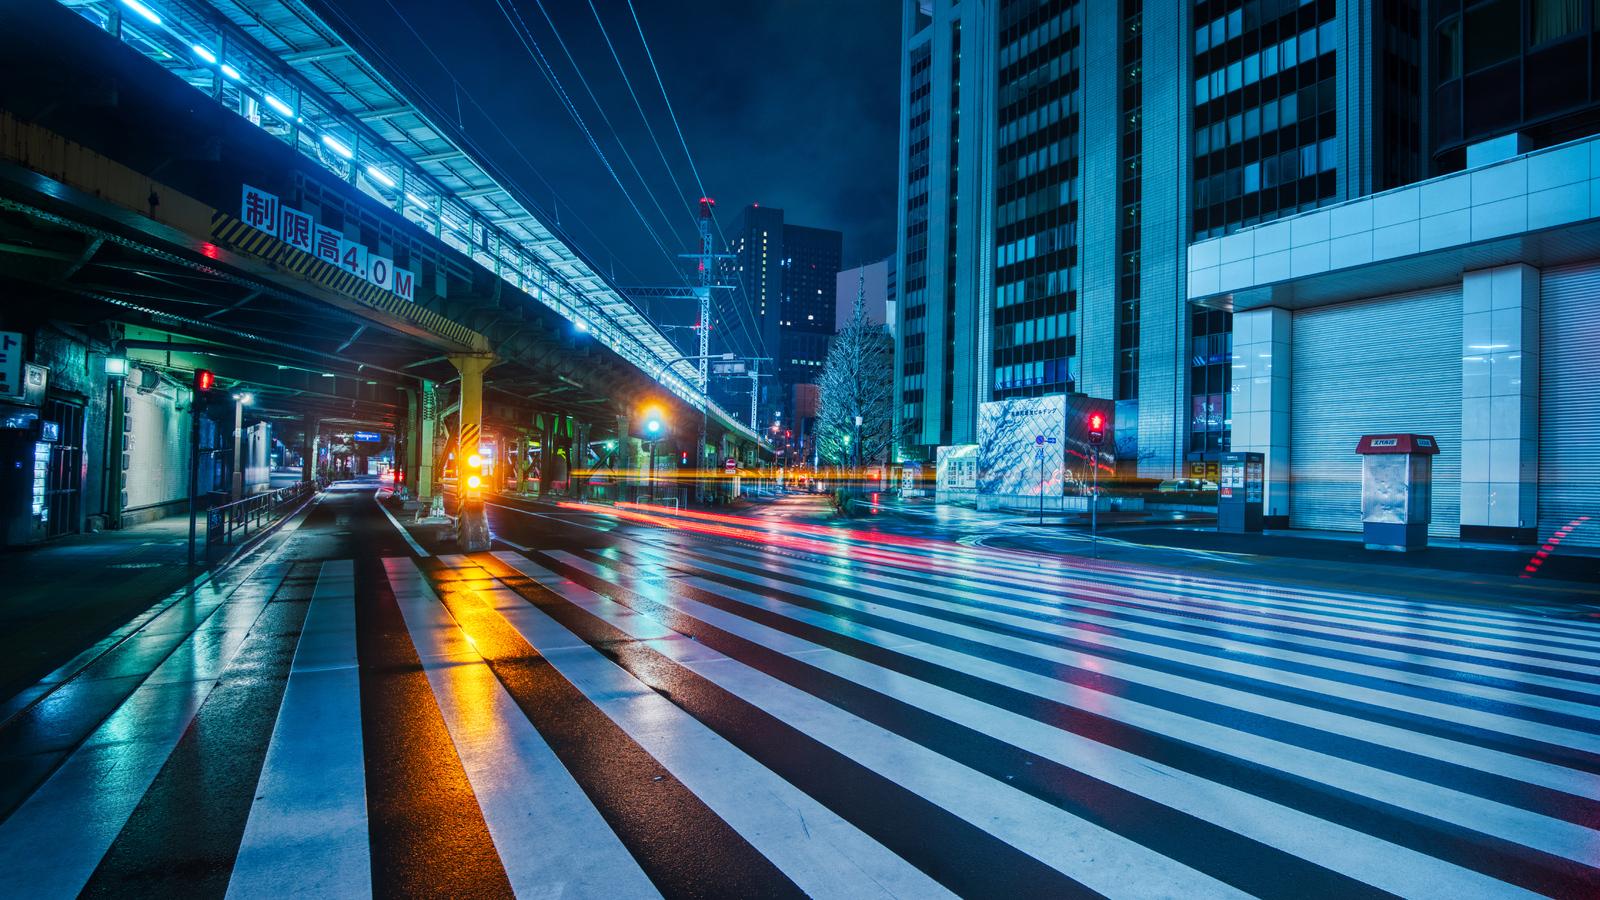 ginza-tokyo-around-midnight-5k-s0.jpg